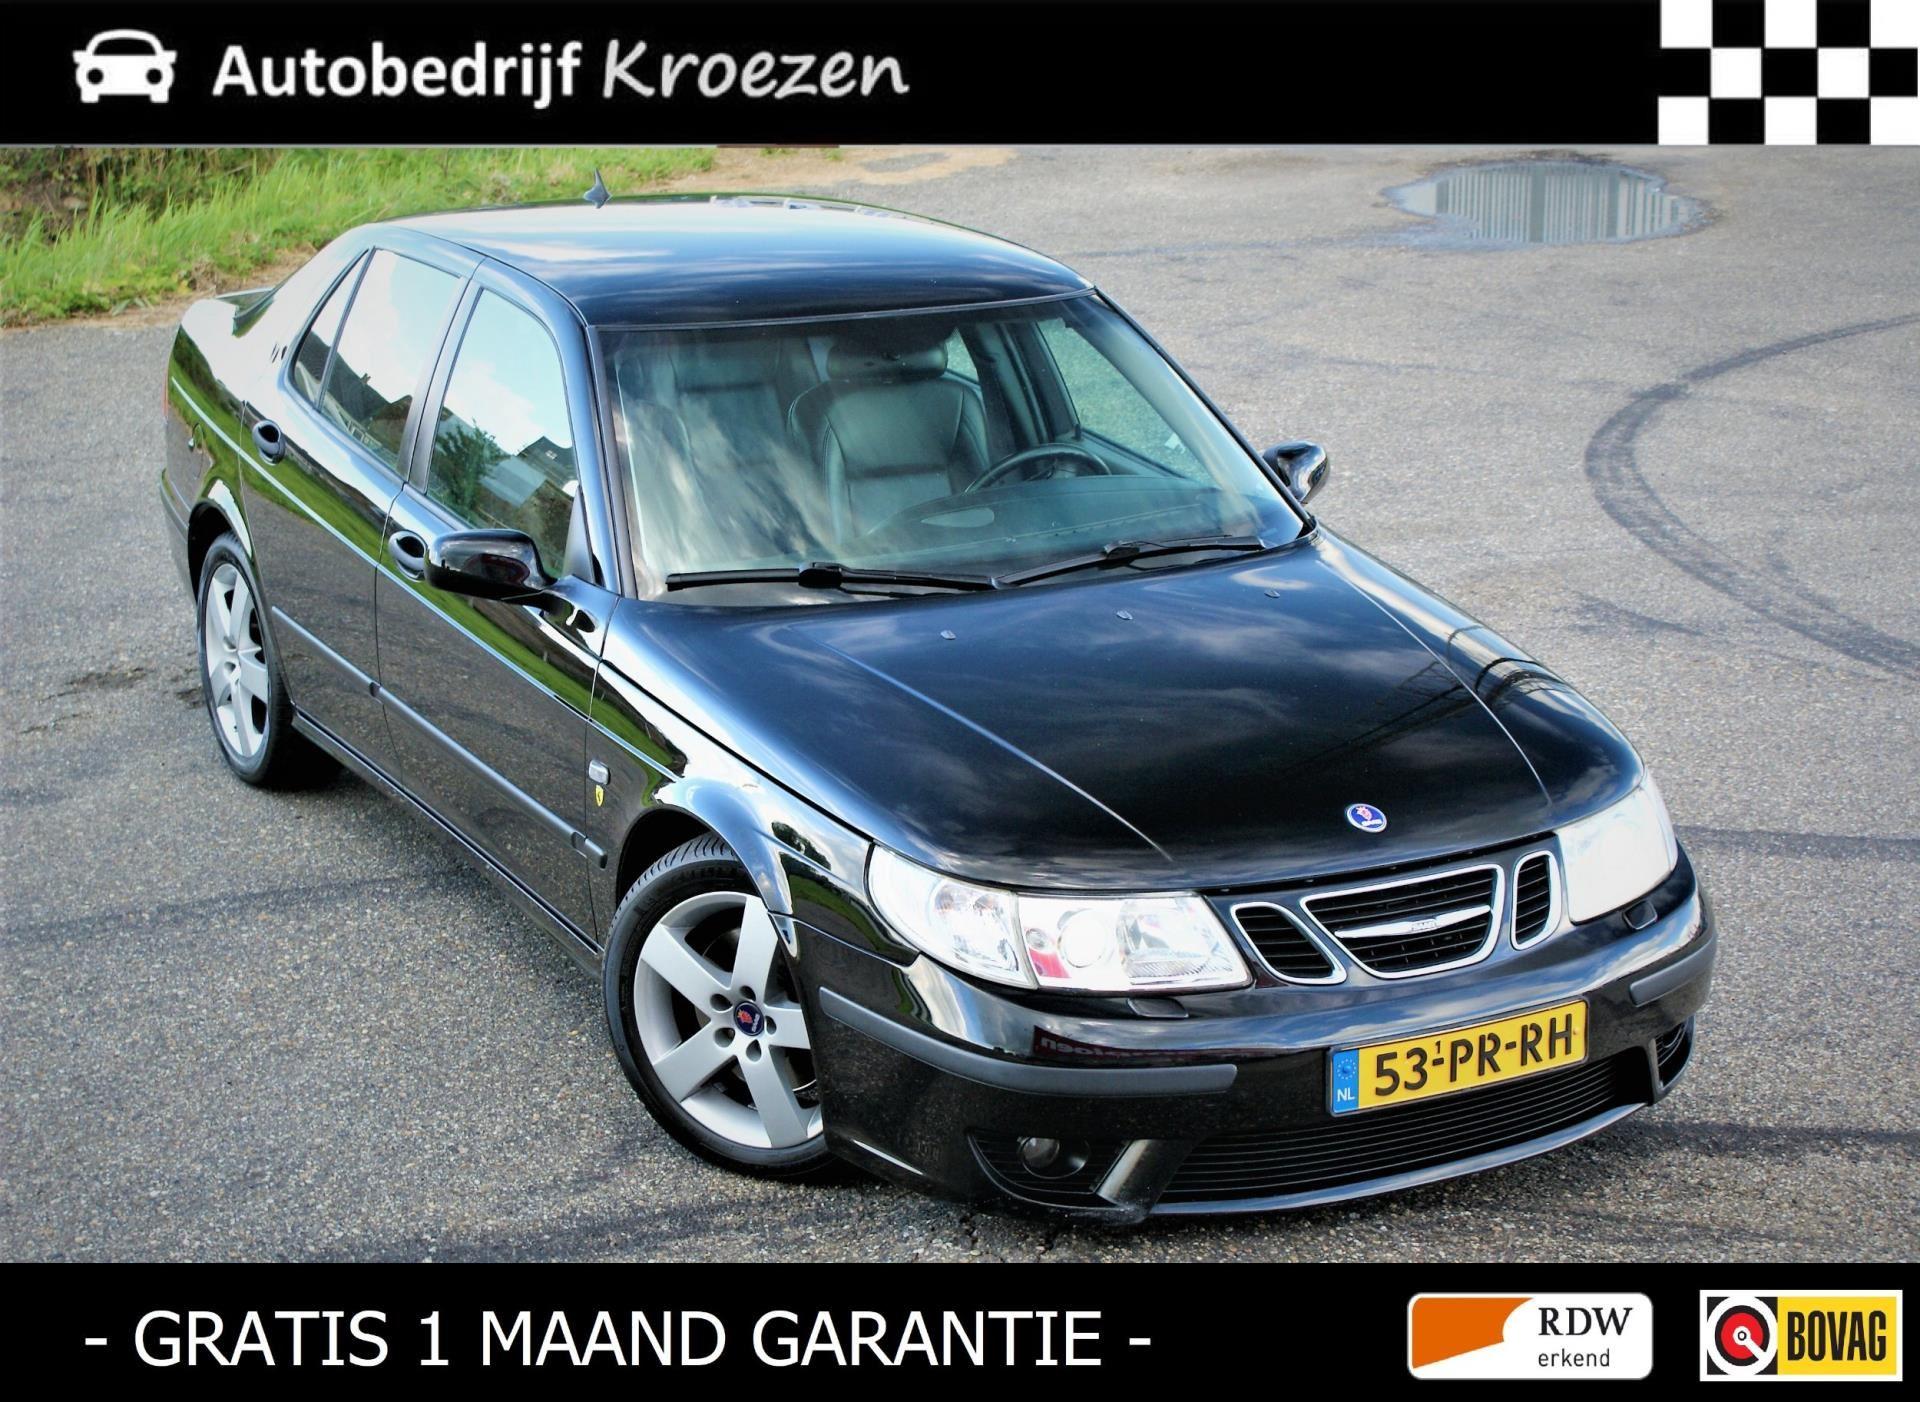 Saab 9-5 occasion - Autobedrijf Kroezen